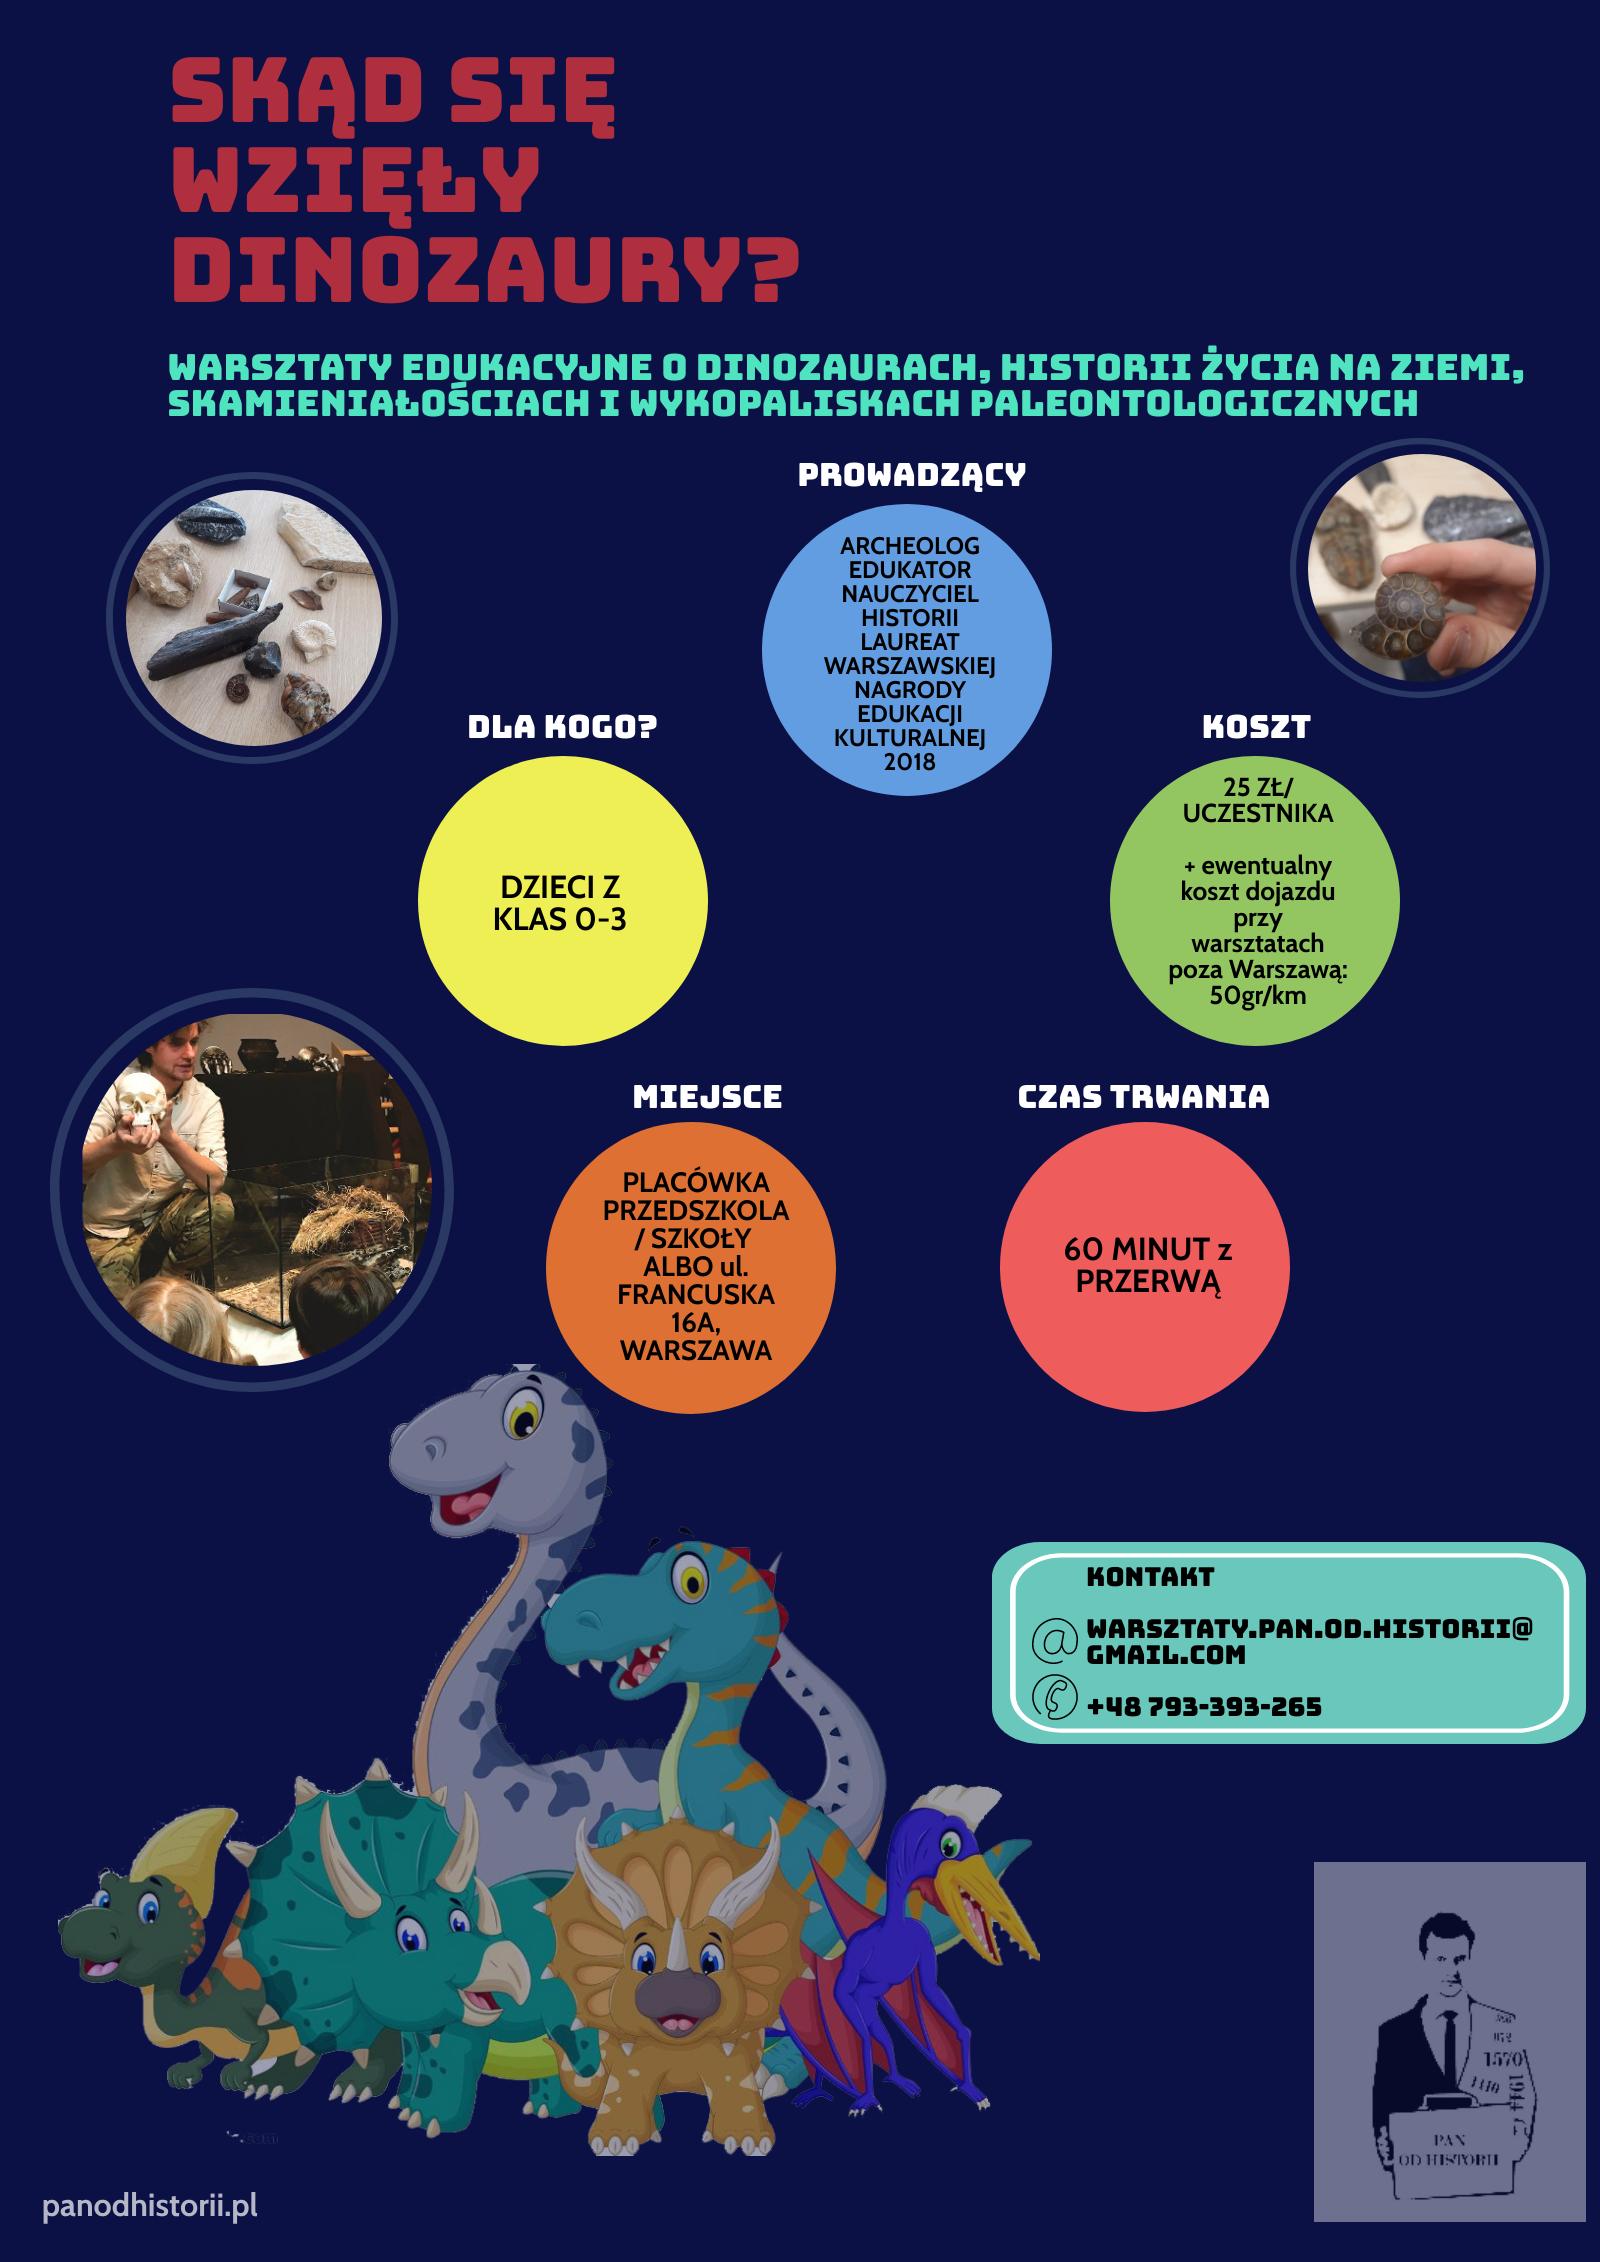 Warsztaty o historii życia na Ziemi, dinozaurach, skamieniałościach oraz wykopaliskach paleontologicznych